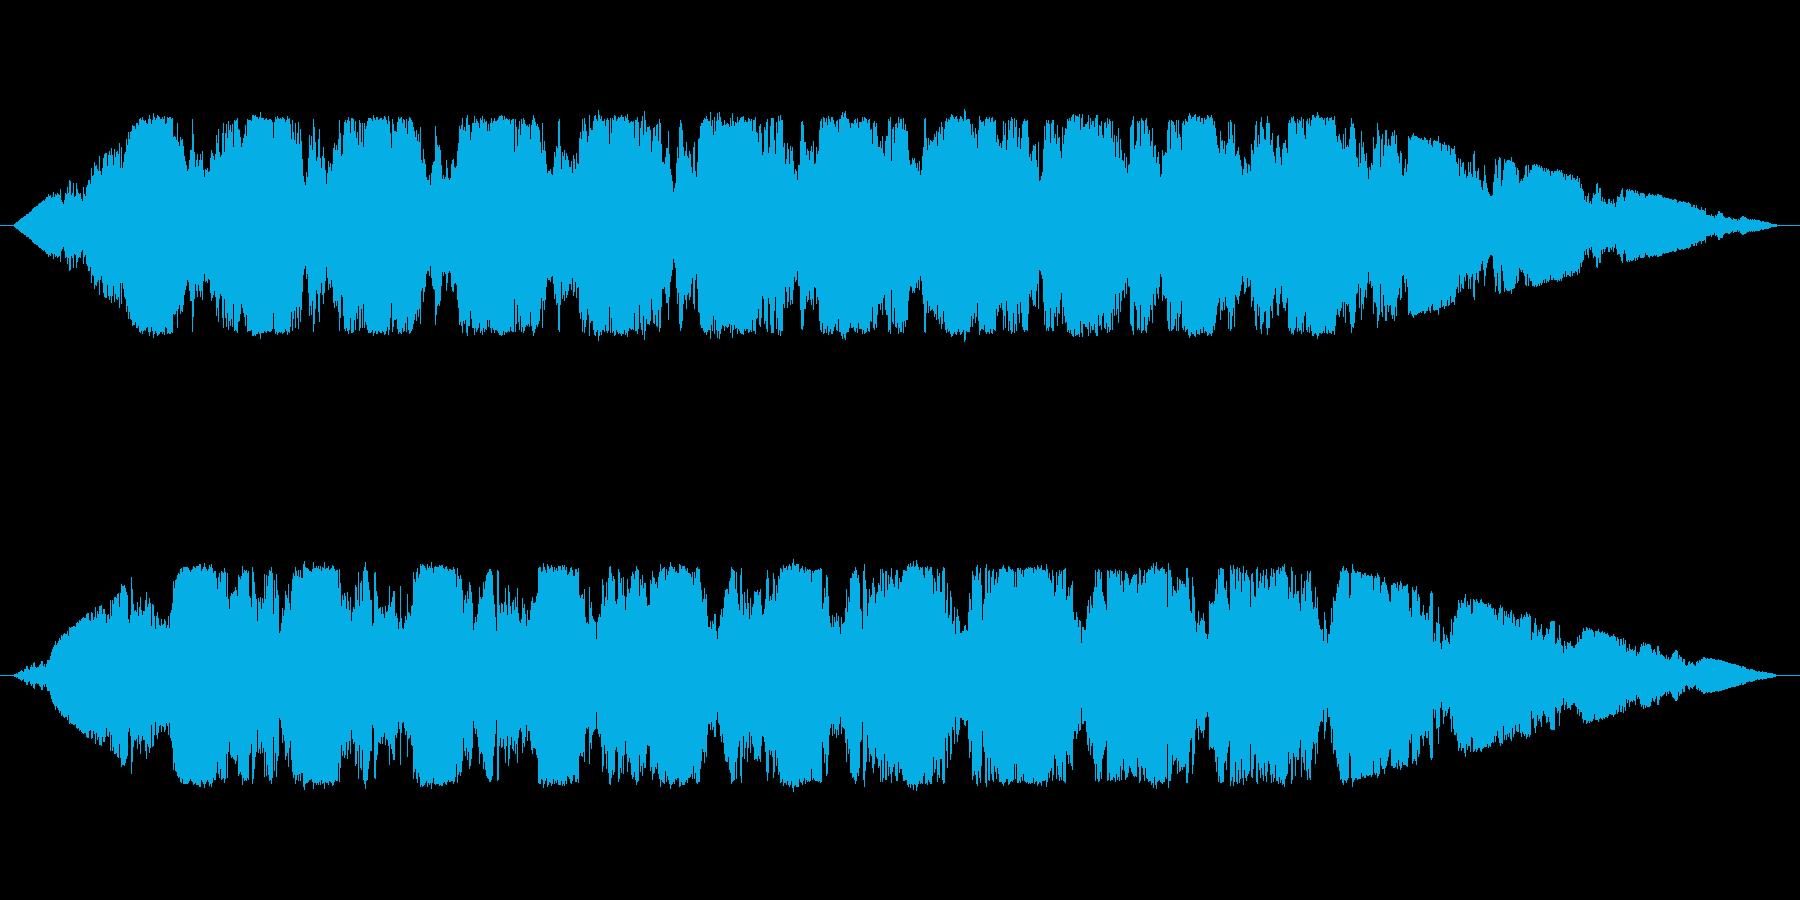 宇宙をイメージしたアンビエントの再生済みの波形